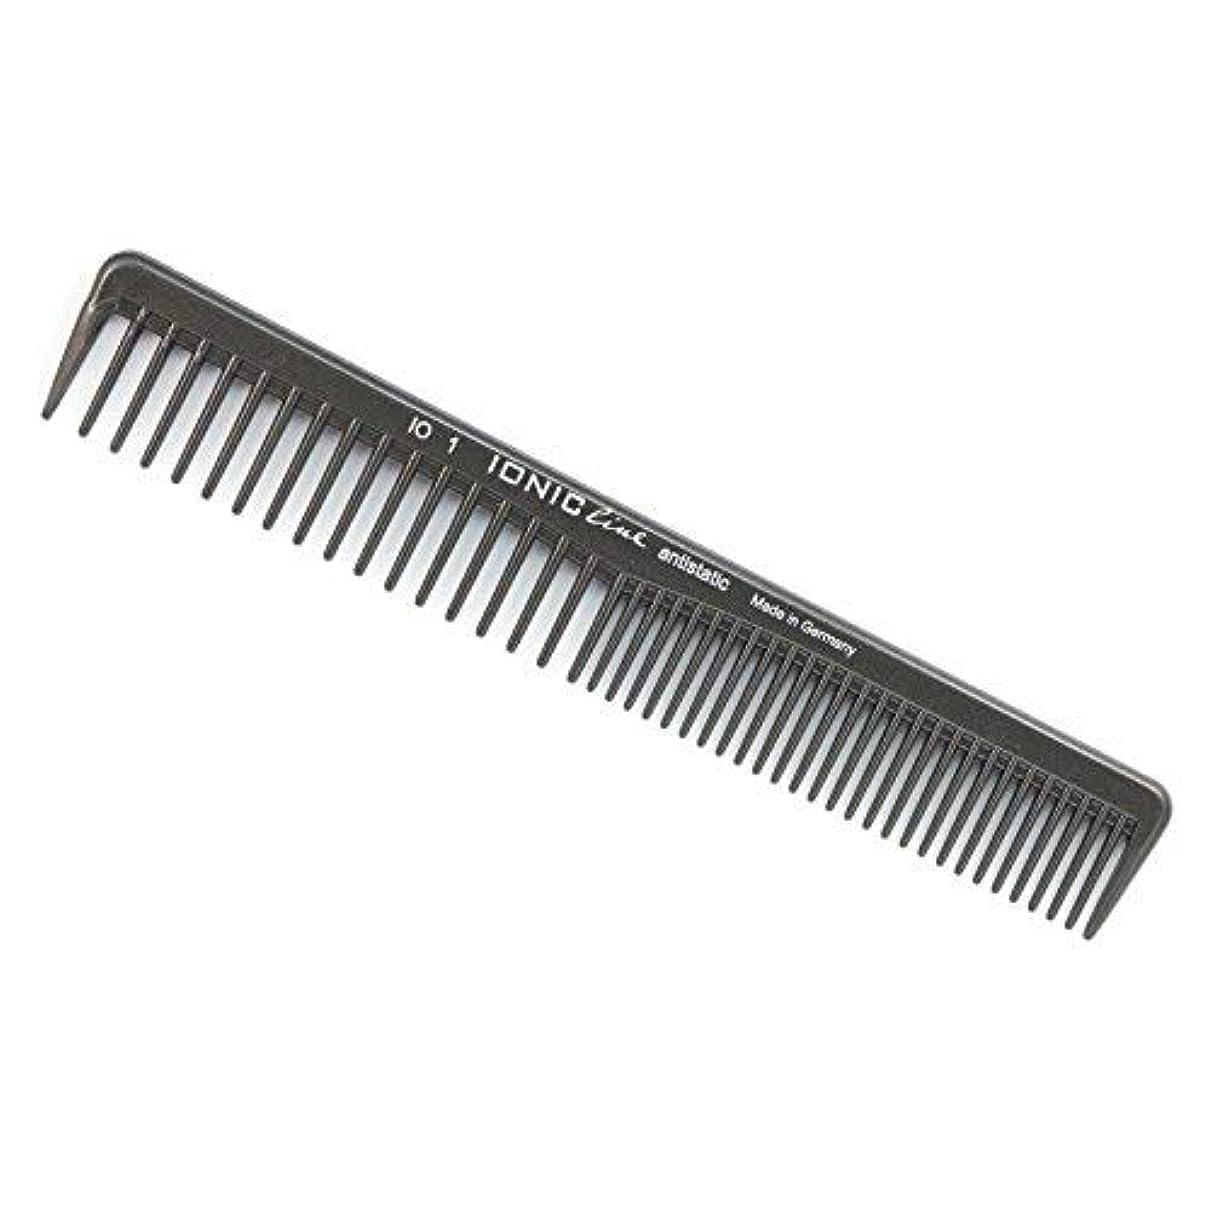 教育者手綱飢饉Hercules S?gemann Ionic Line Cutting Comb with coarse and Very coarse Teeth | Ionized Thermoplastic - Made in...